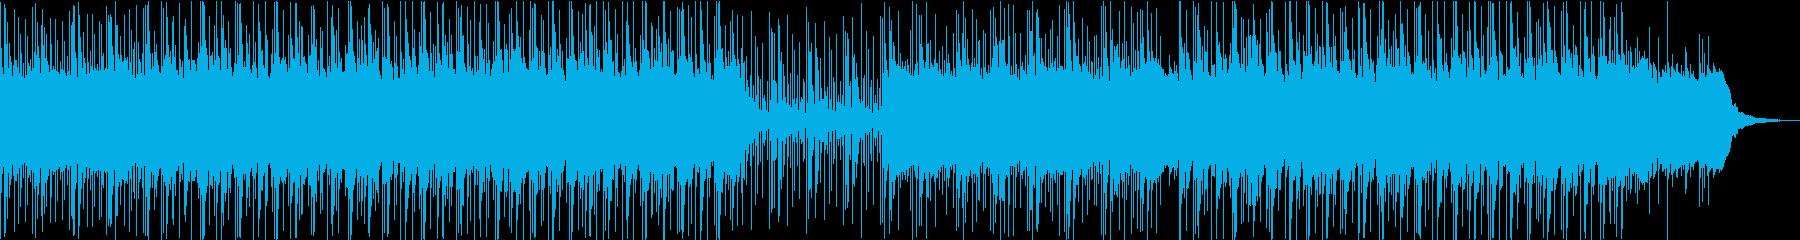 エスニック系不思議クールなエレクトロニカの再生済みの波形